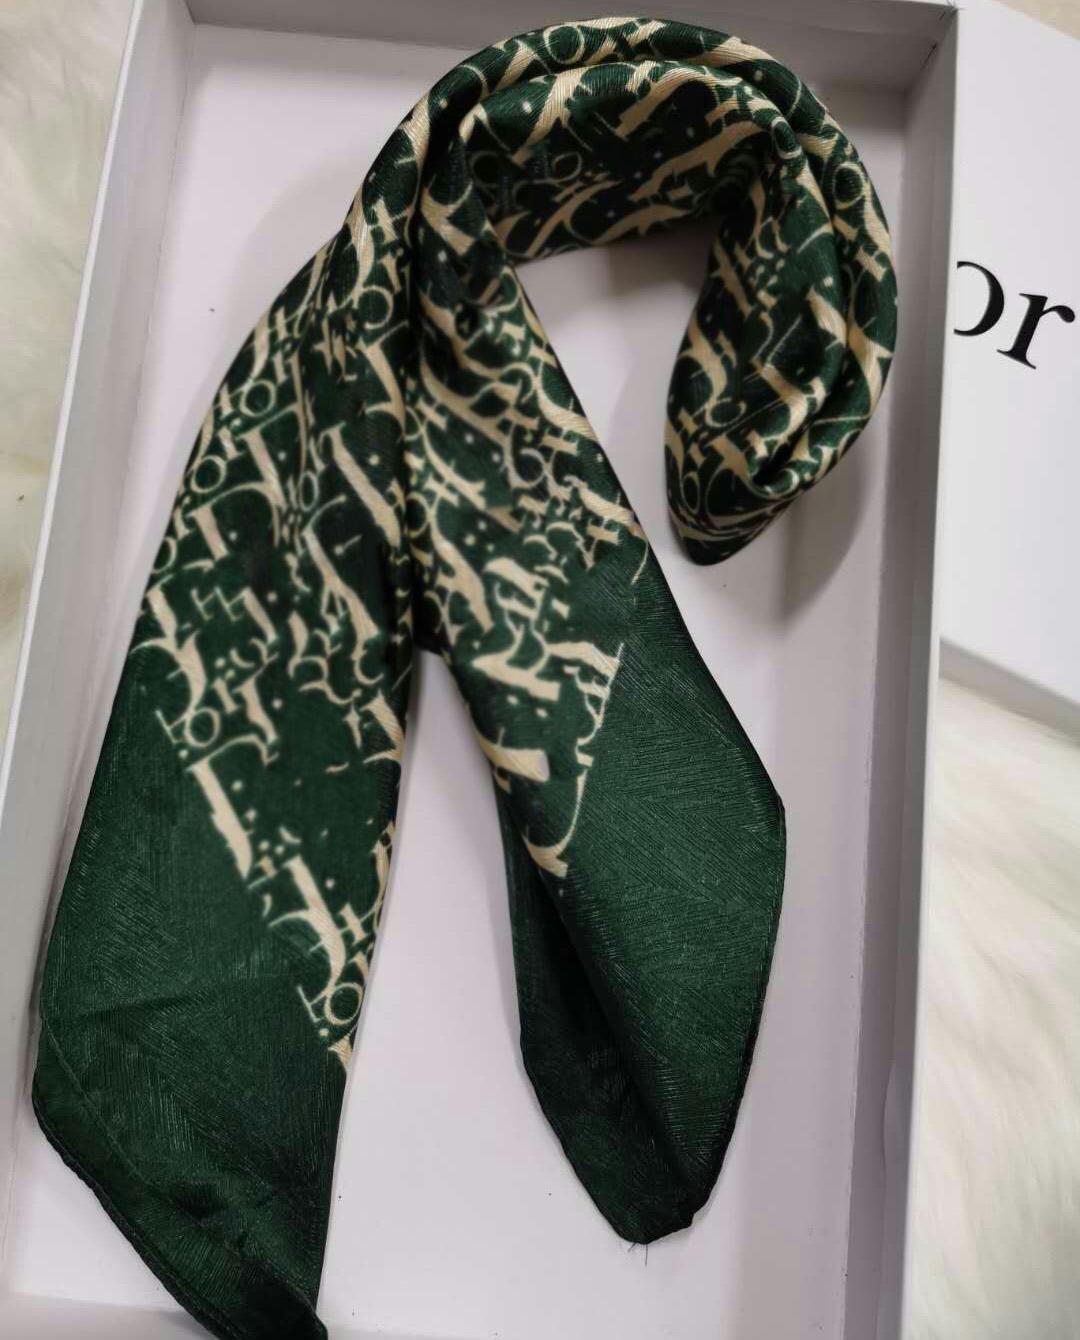 وشاح الكلاسيكي المطبوعة الأبجدية وشاح الفاخرة الحرير حك الأوشحة السيدات